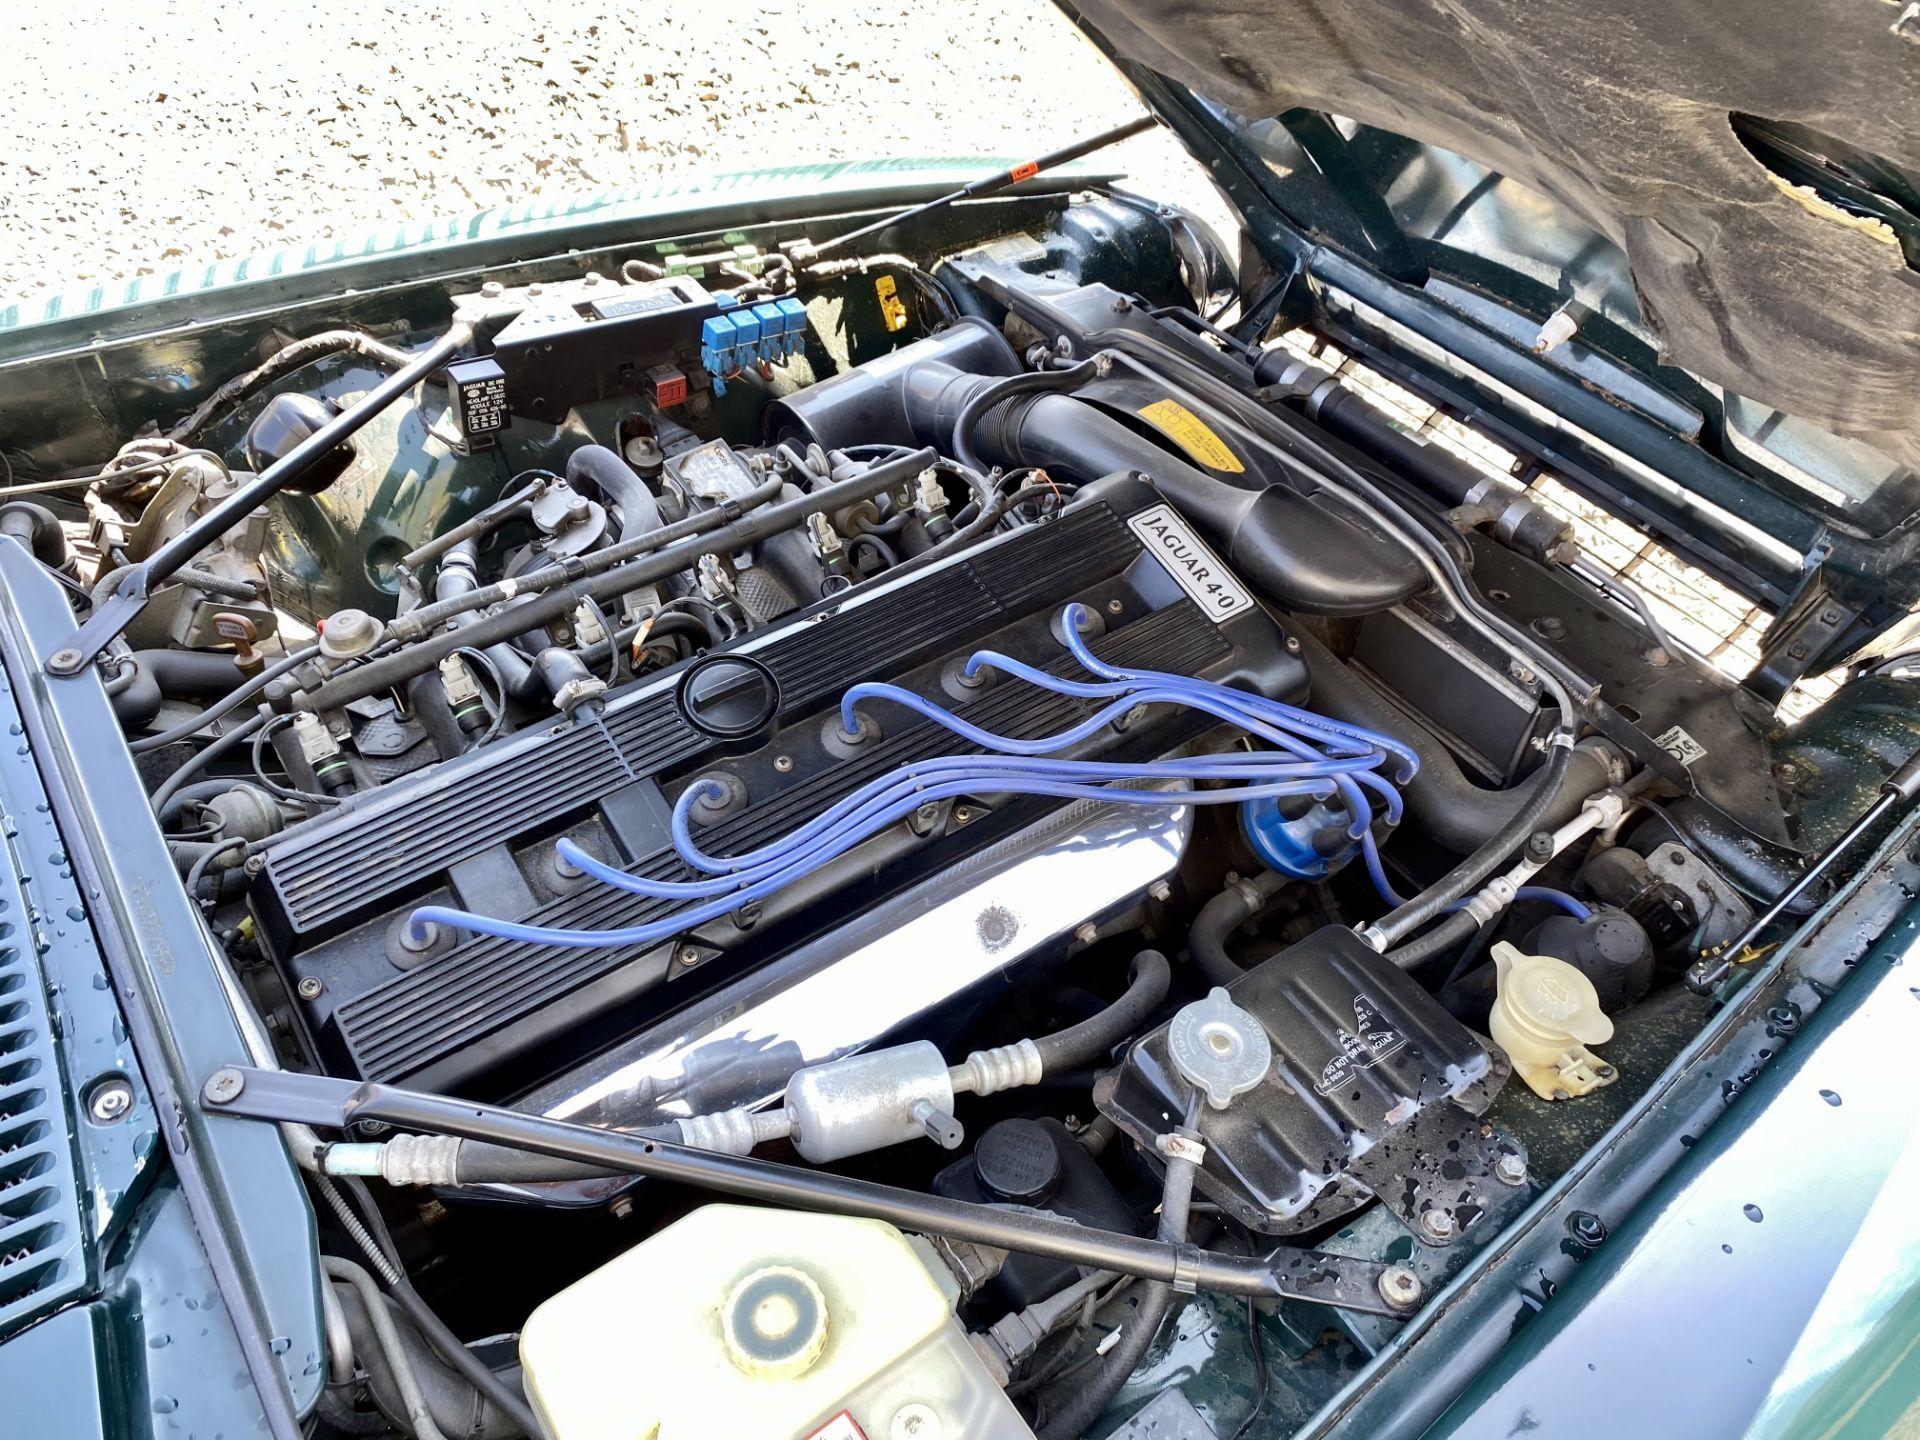 Jaguar XJS coupe - Image 64 of 64